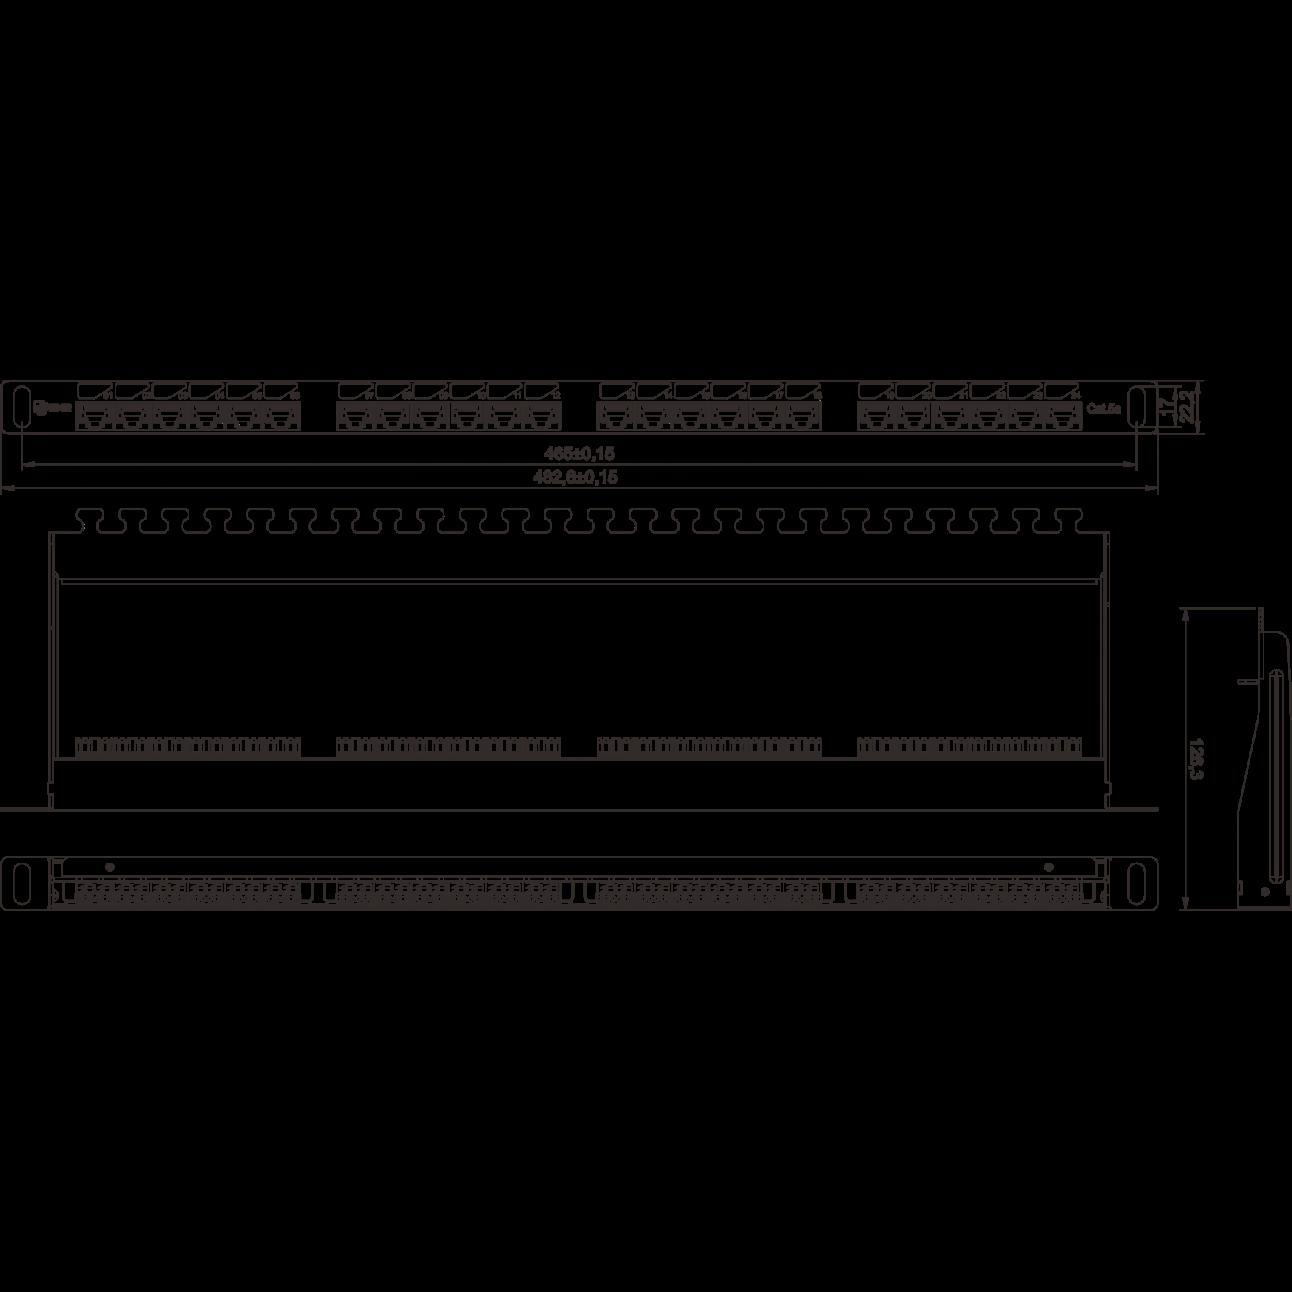 """Коммутационная панель SNR, 19"""" неэкранированная, 0.5U, 24 порта, cat.5e, горизонтальная заделка"""